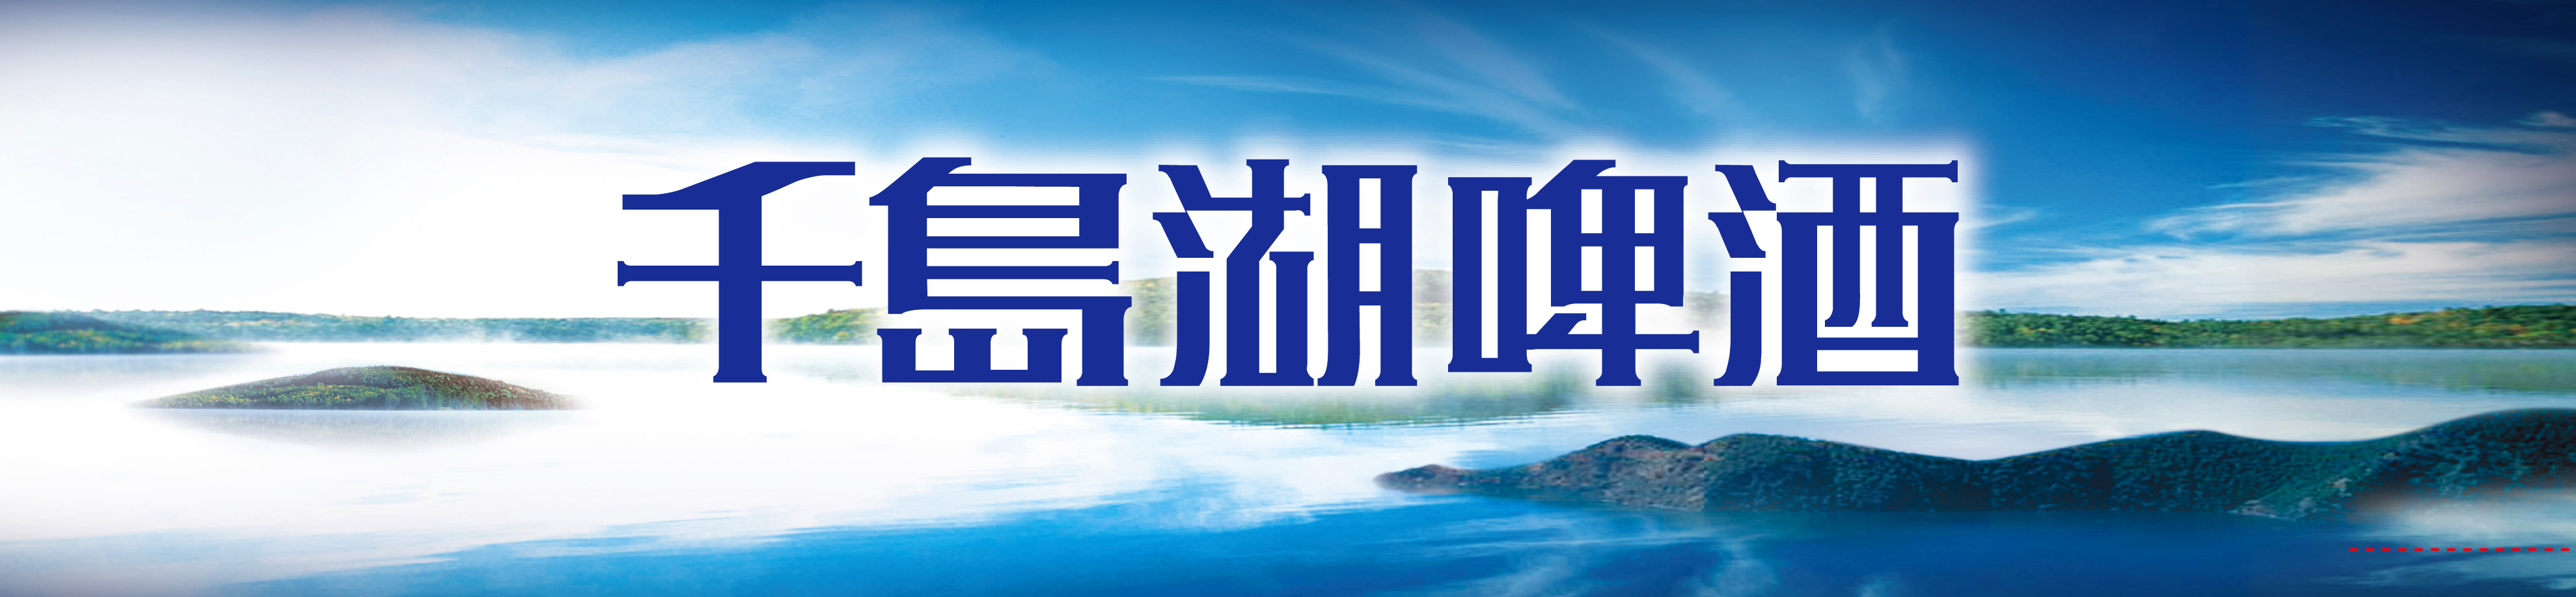 杭州千岛湖啤酒有限公司河南总代理